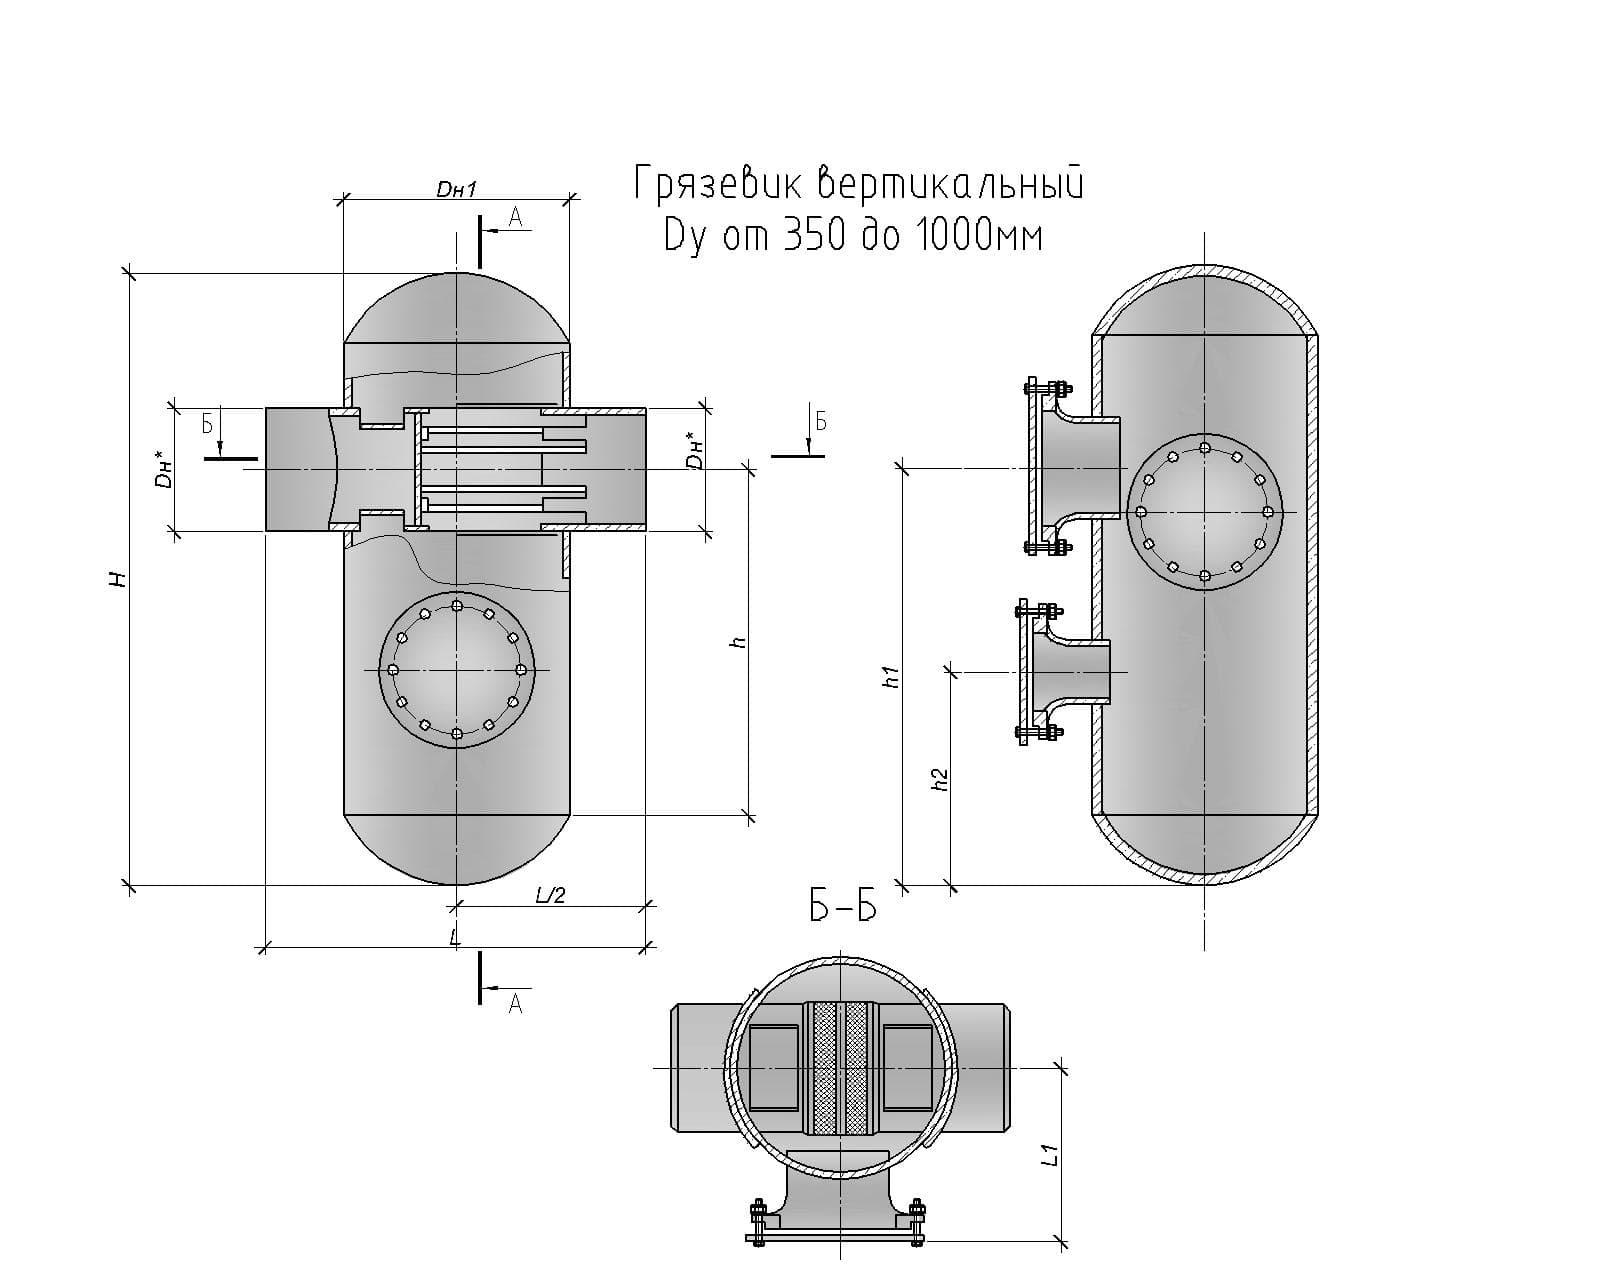 Грязевик для системы отопления: устройство и принцип действия, преимущества использования